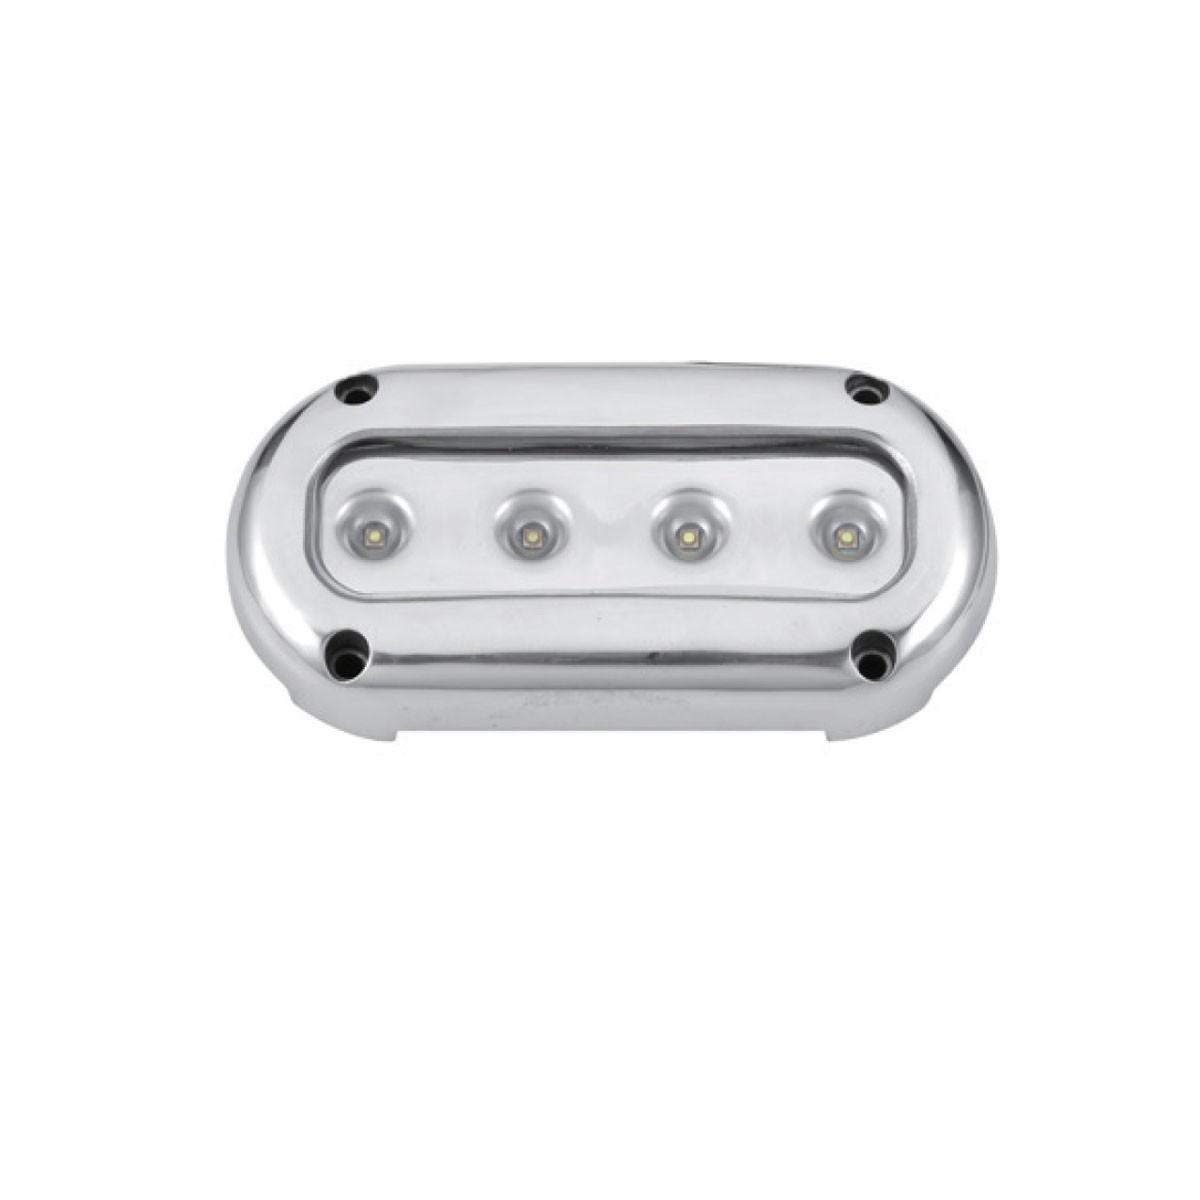 123.42 - Φως Υποβρύχιο LED L137.5xW68x24.3mm